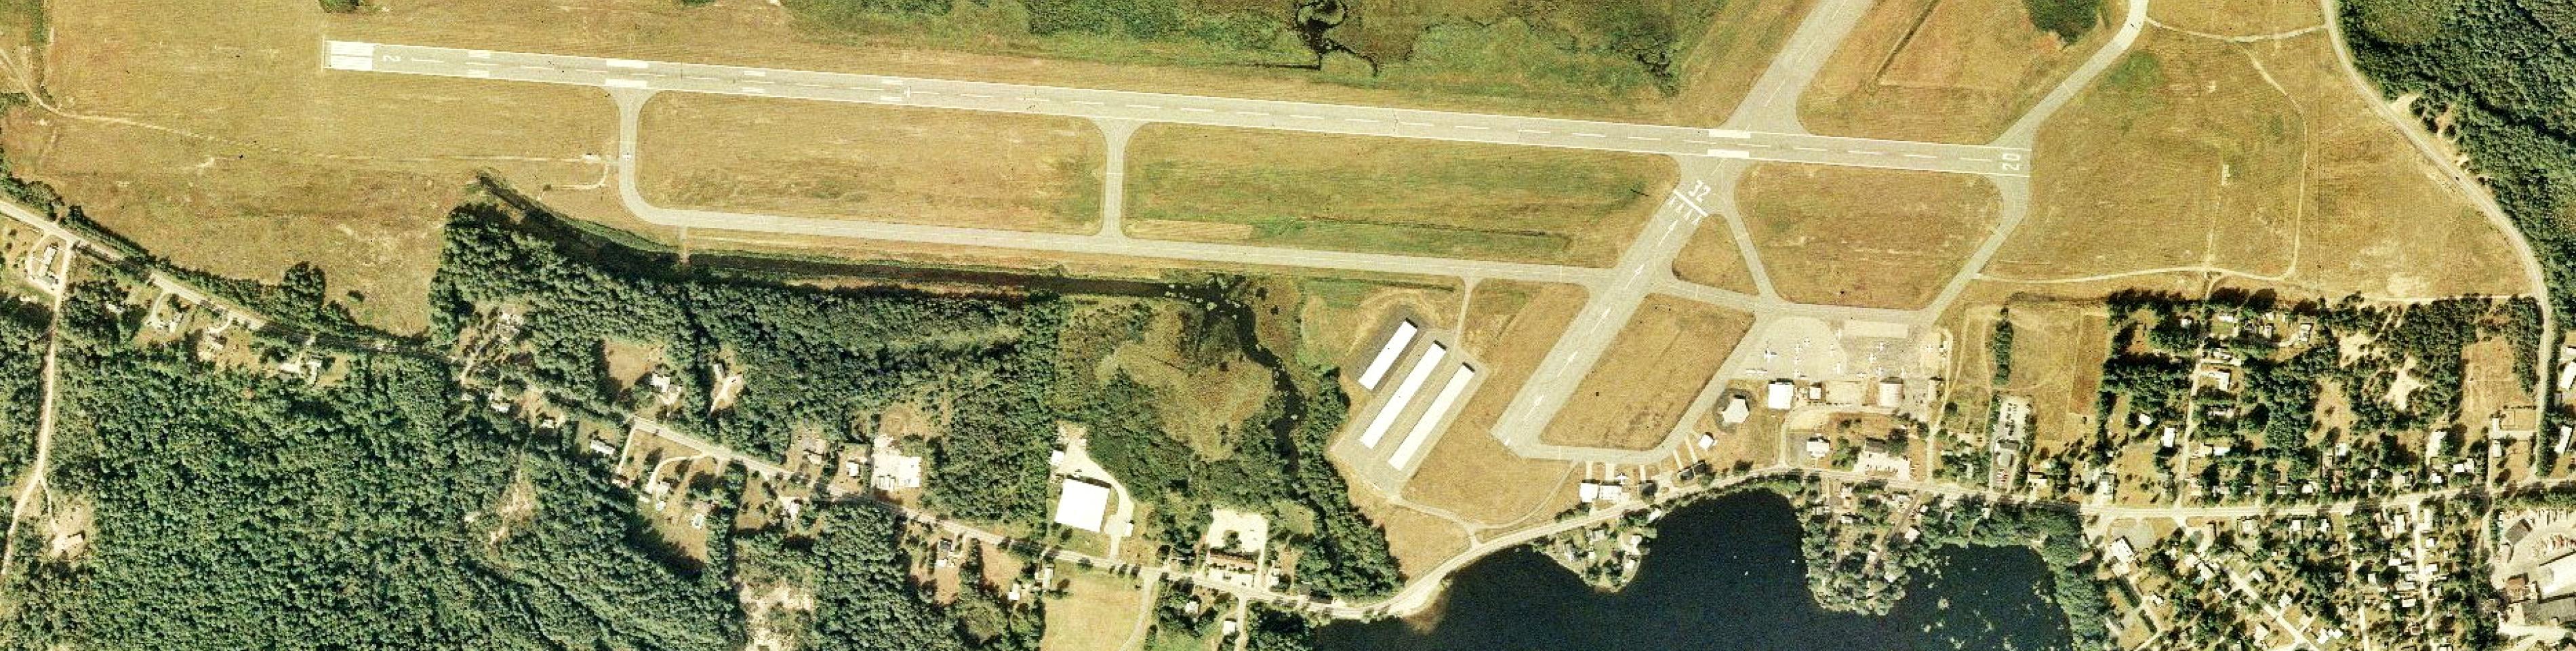 EEN Aerial View